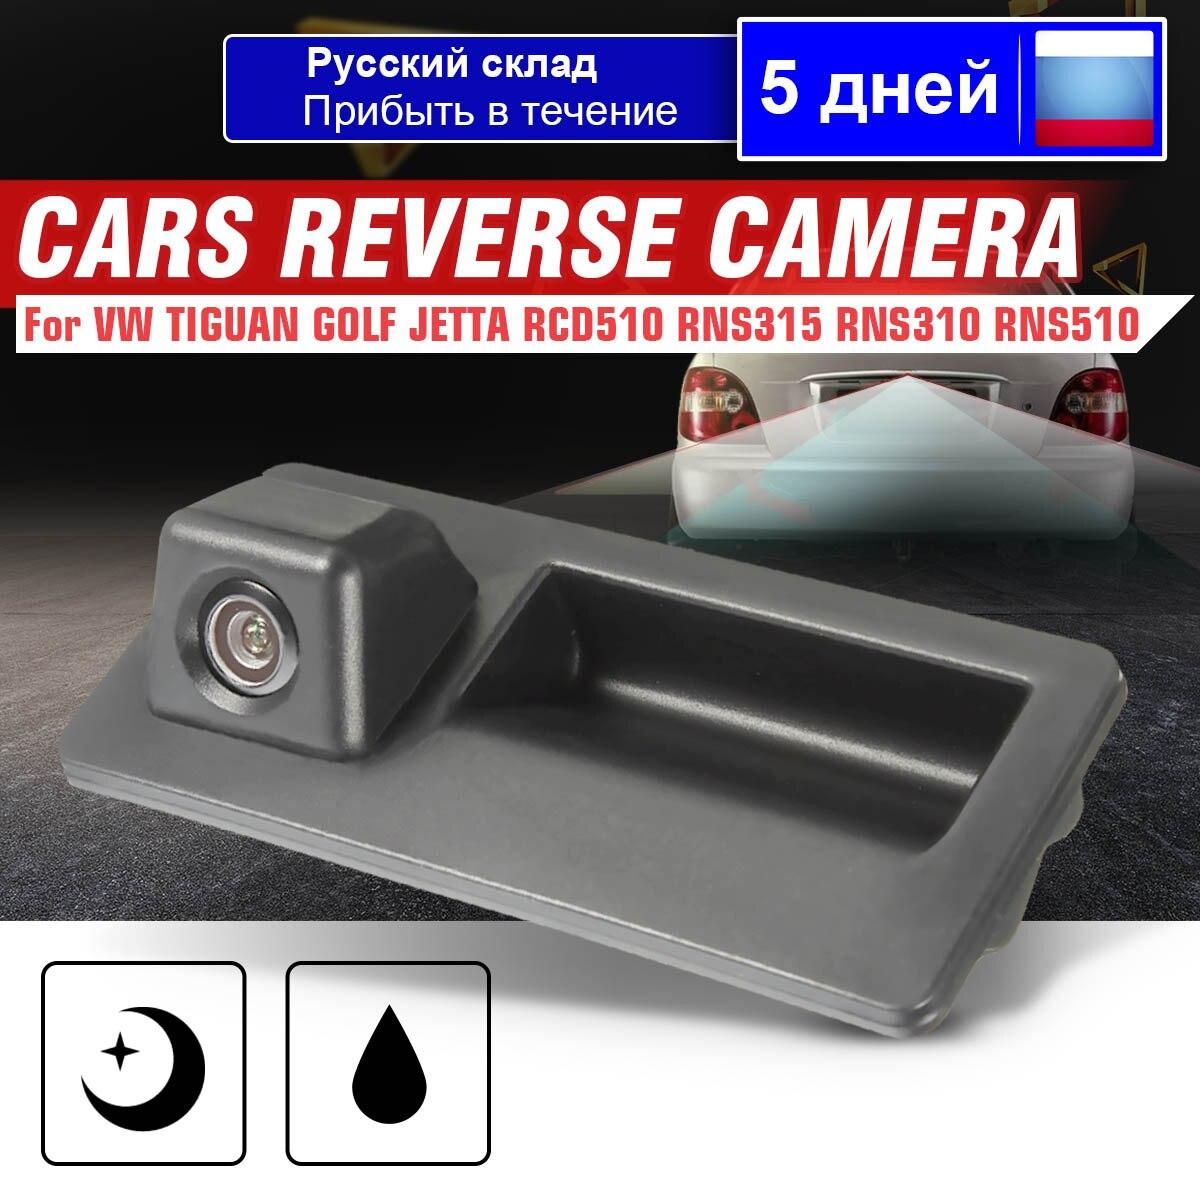 HD Car Rear View Camera Handle Reverse for VW JETTA TIGUAN GOLF ESTATE PASSAT TOUAREG SPORT WAGEN RCD510 RNS315 RNS310 RNS510